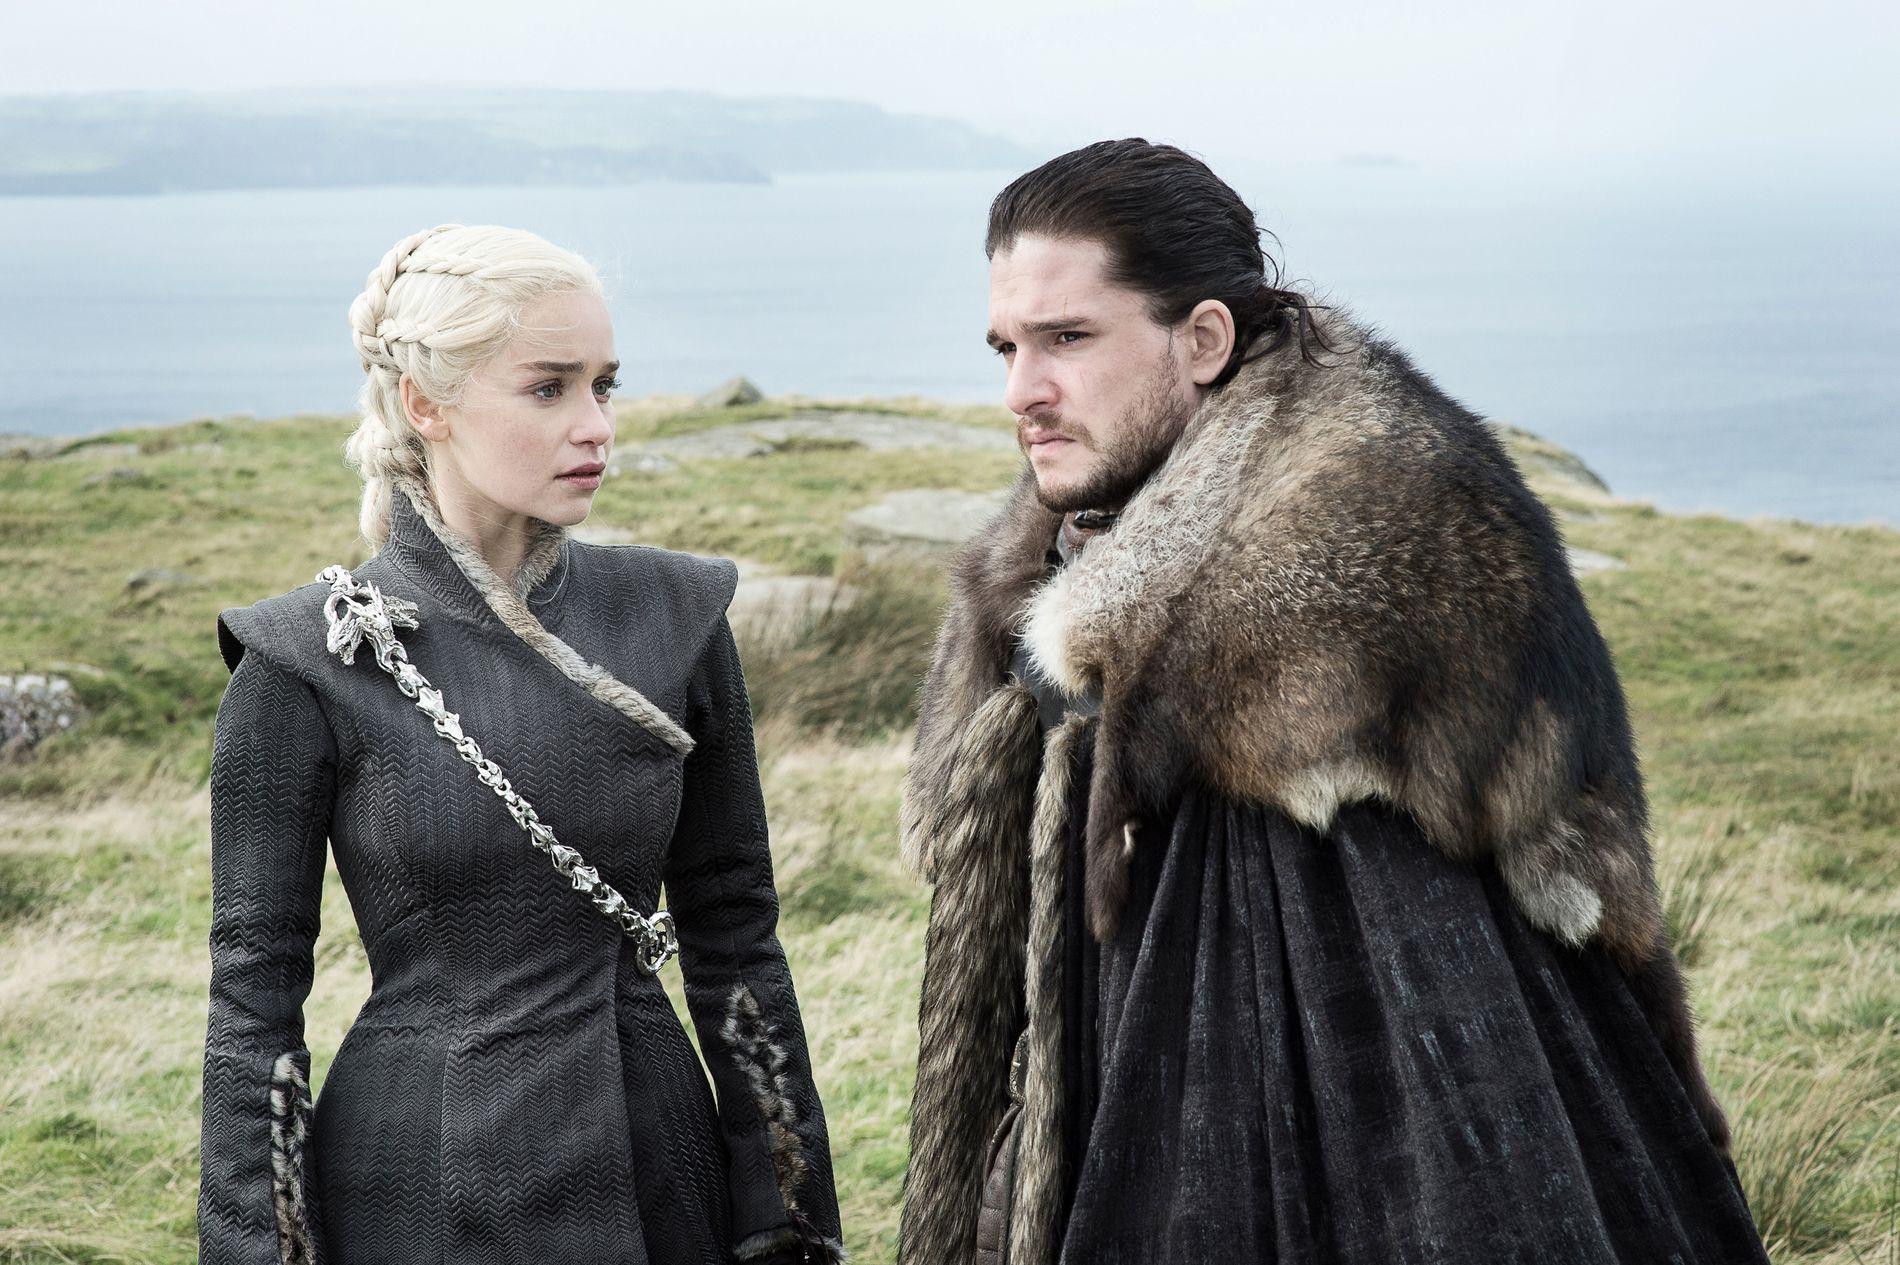 OVERBEVISTE:  Daenerys Targaryen (Emilia Clarke) og Jon Snow (Kit Harington) i sesong 7 av «Game of Thrones».